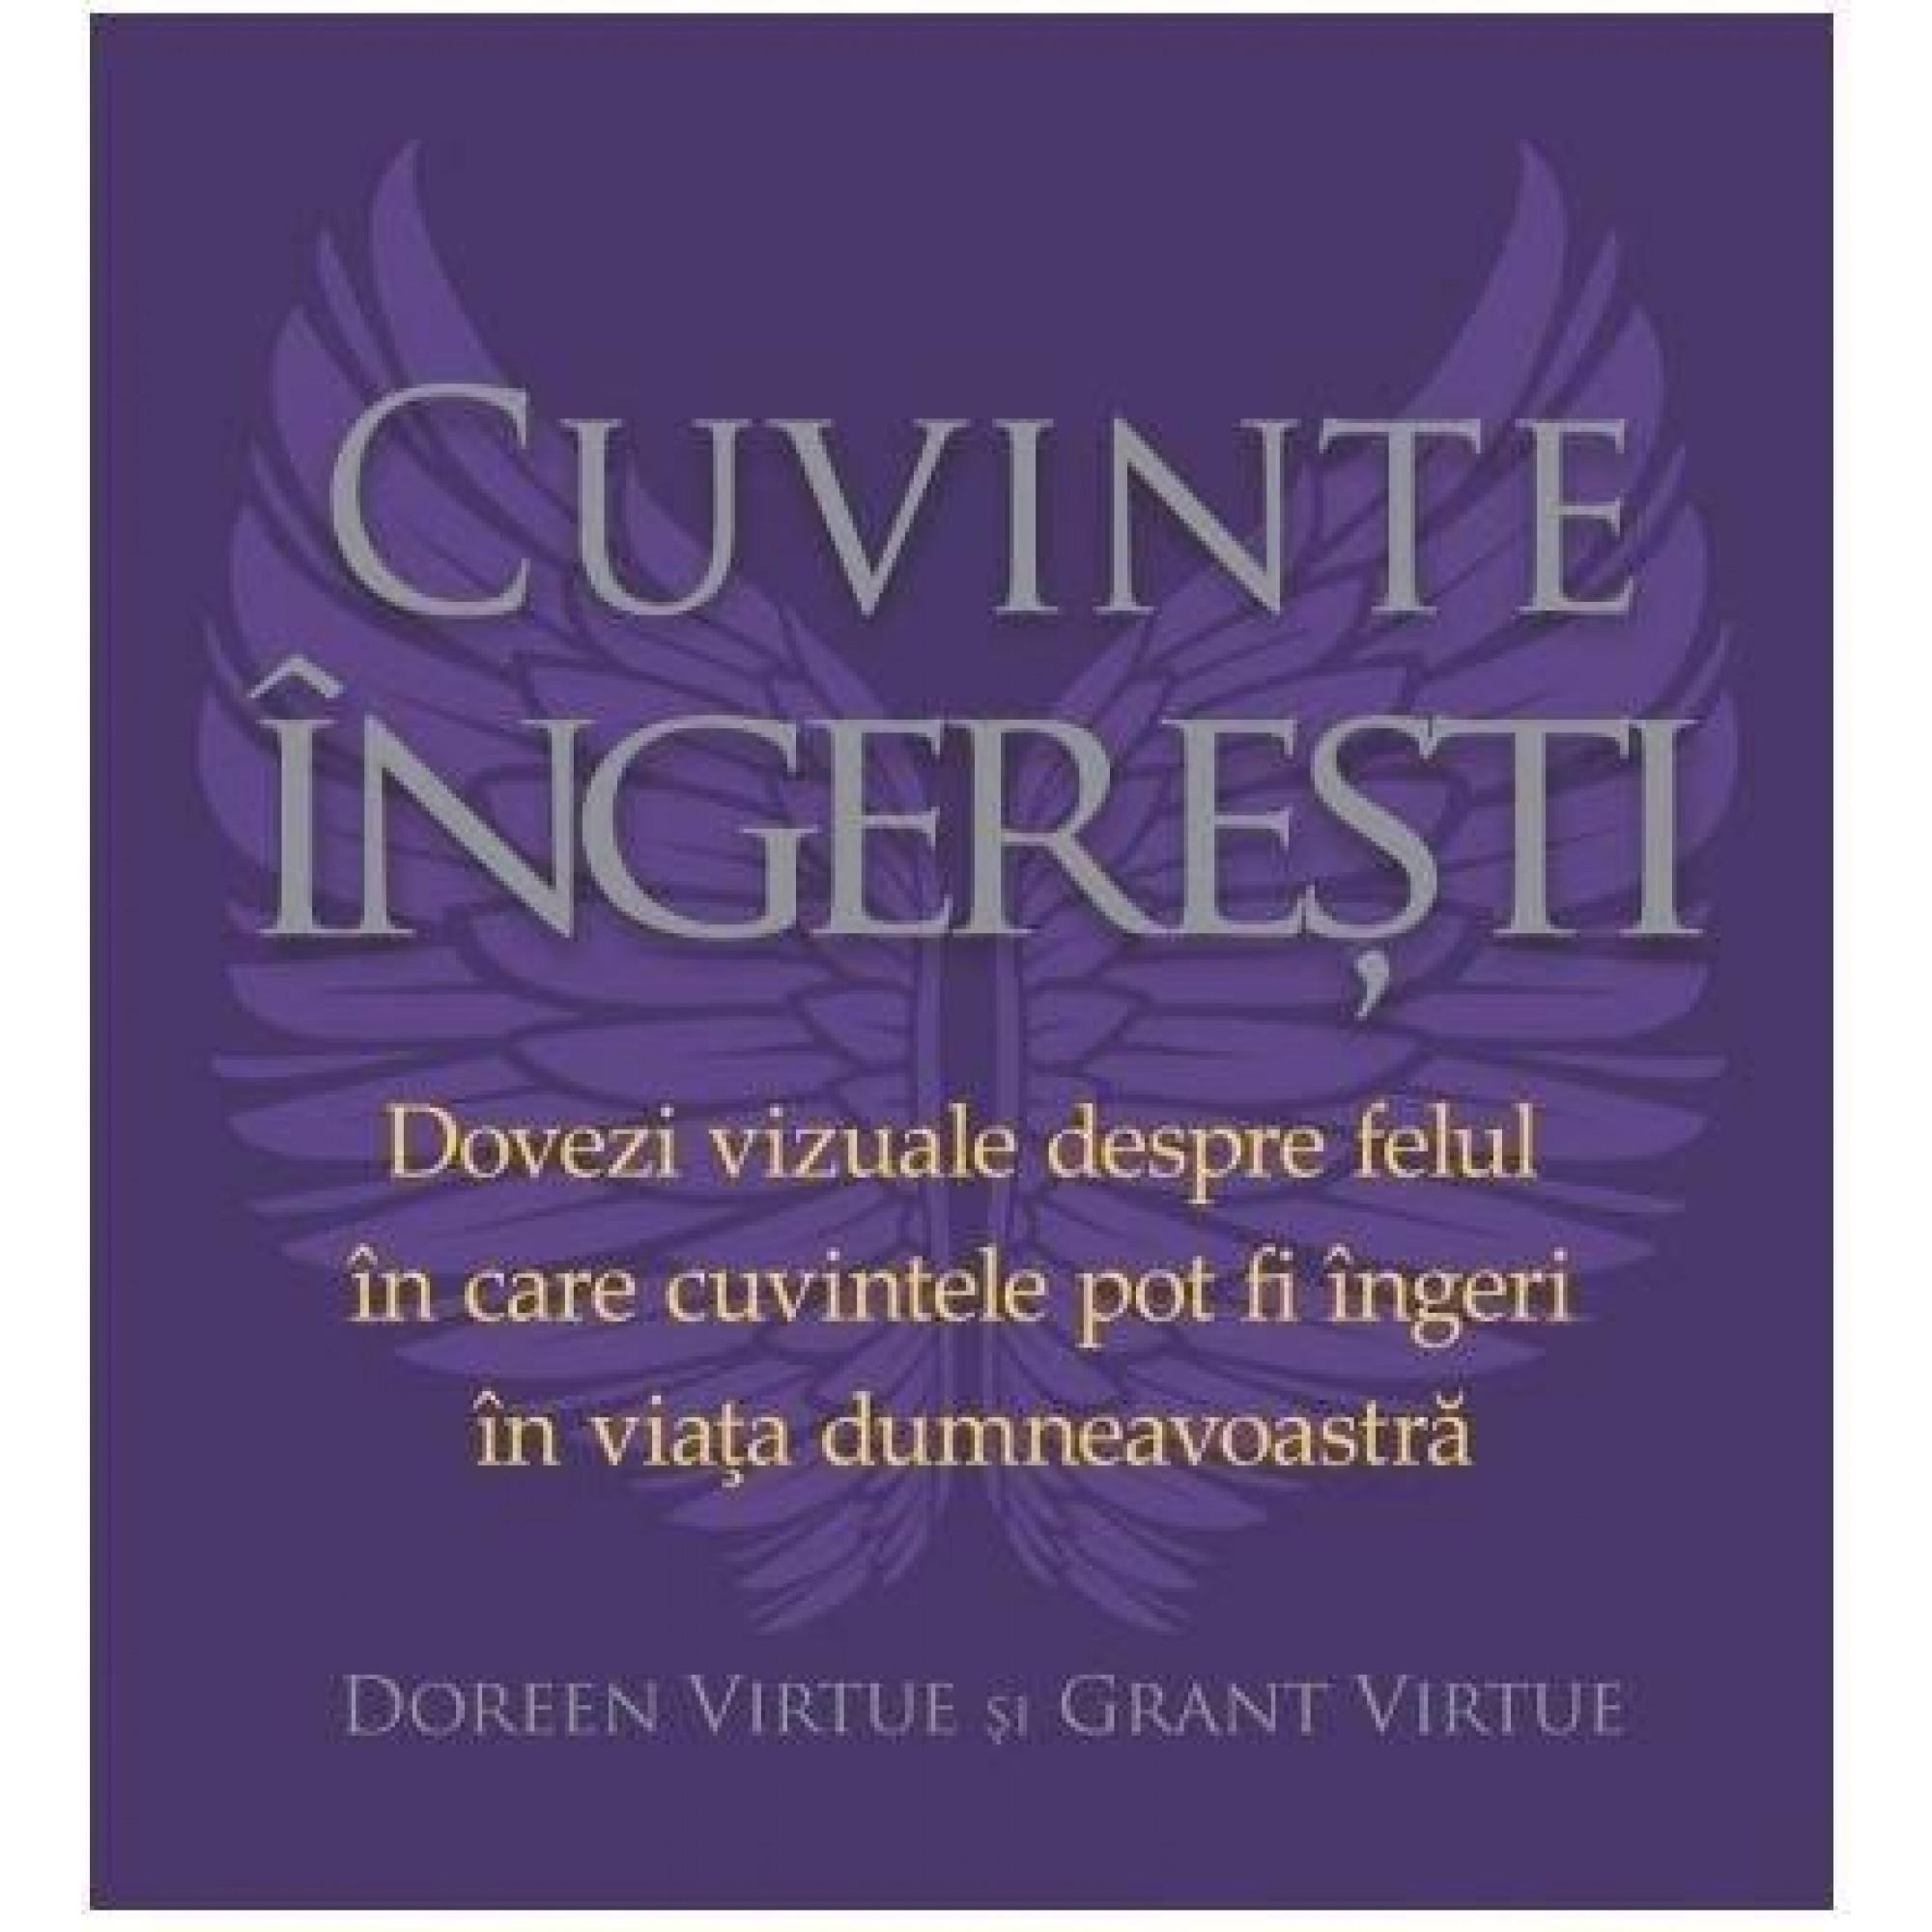 Cuvinte îngereşti. Dovezi vizuale despre felul în care cuvintele pot fi îngeri în viaţa dumneavoastră; Doreen Virtue, Grant Virtue